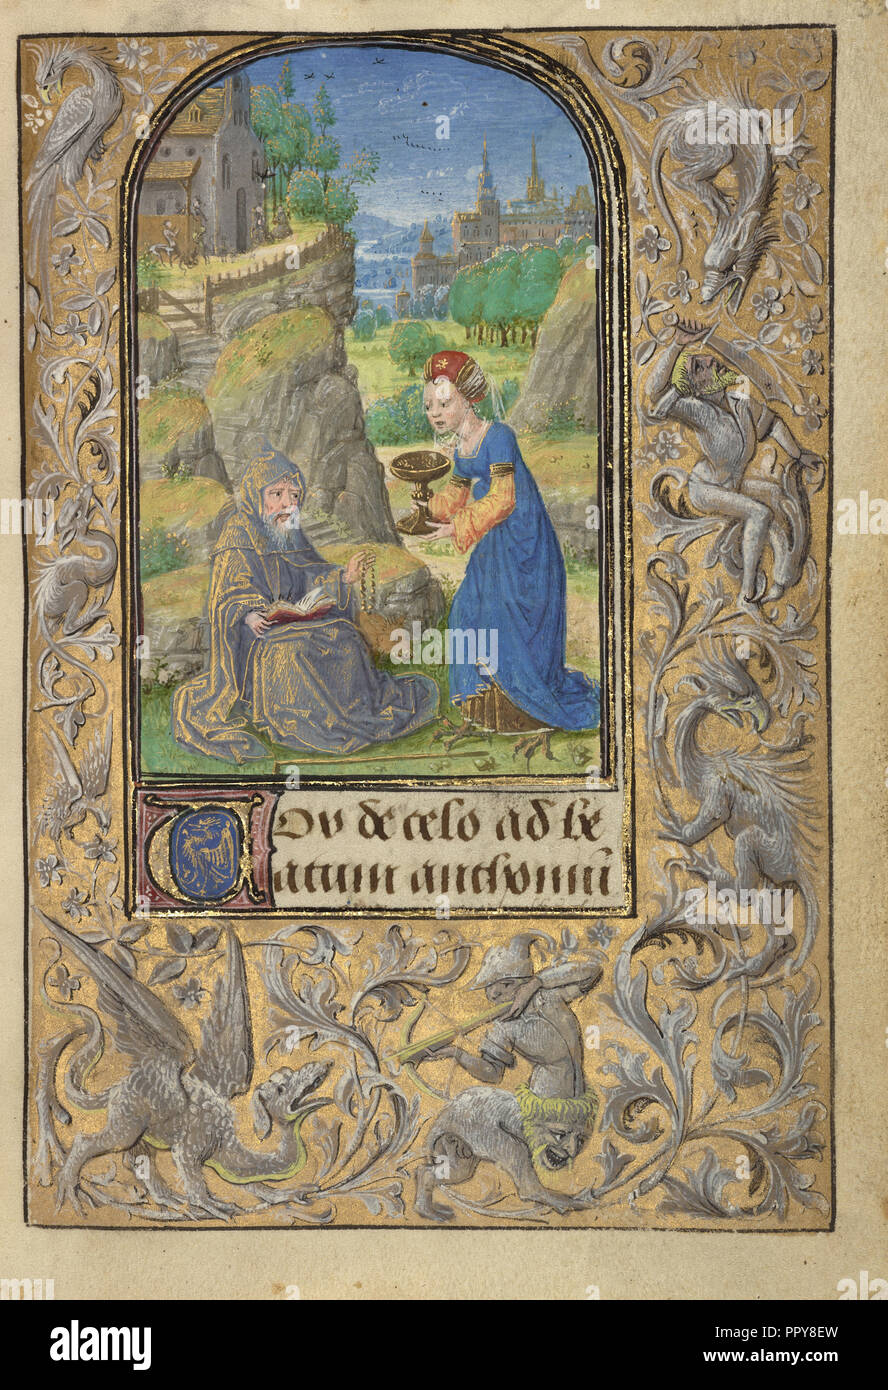 La Tentation de Saint Antoine; Lieven Van Lathem, flamand, environ 1430 - 1493, Anvers, Belgique, illuminé; 1469 Tempera; Photo Stock